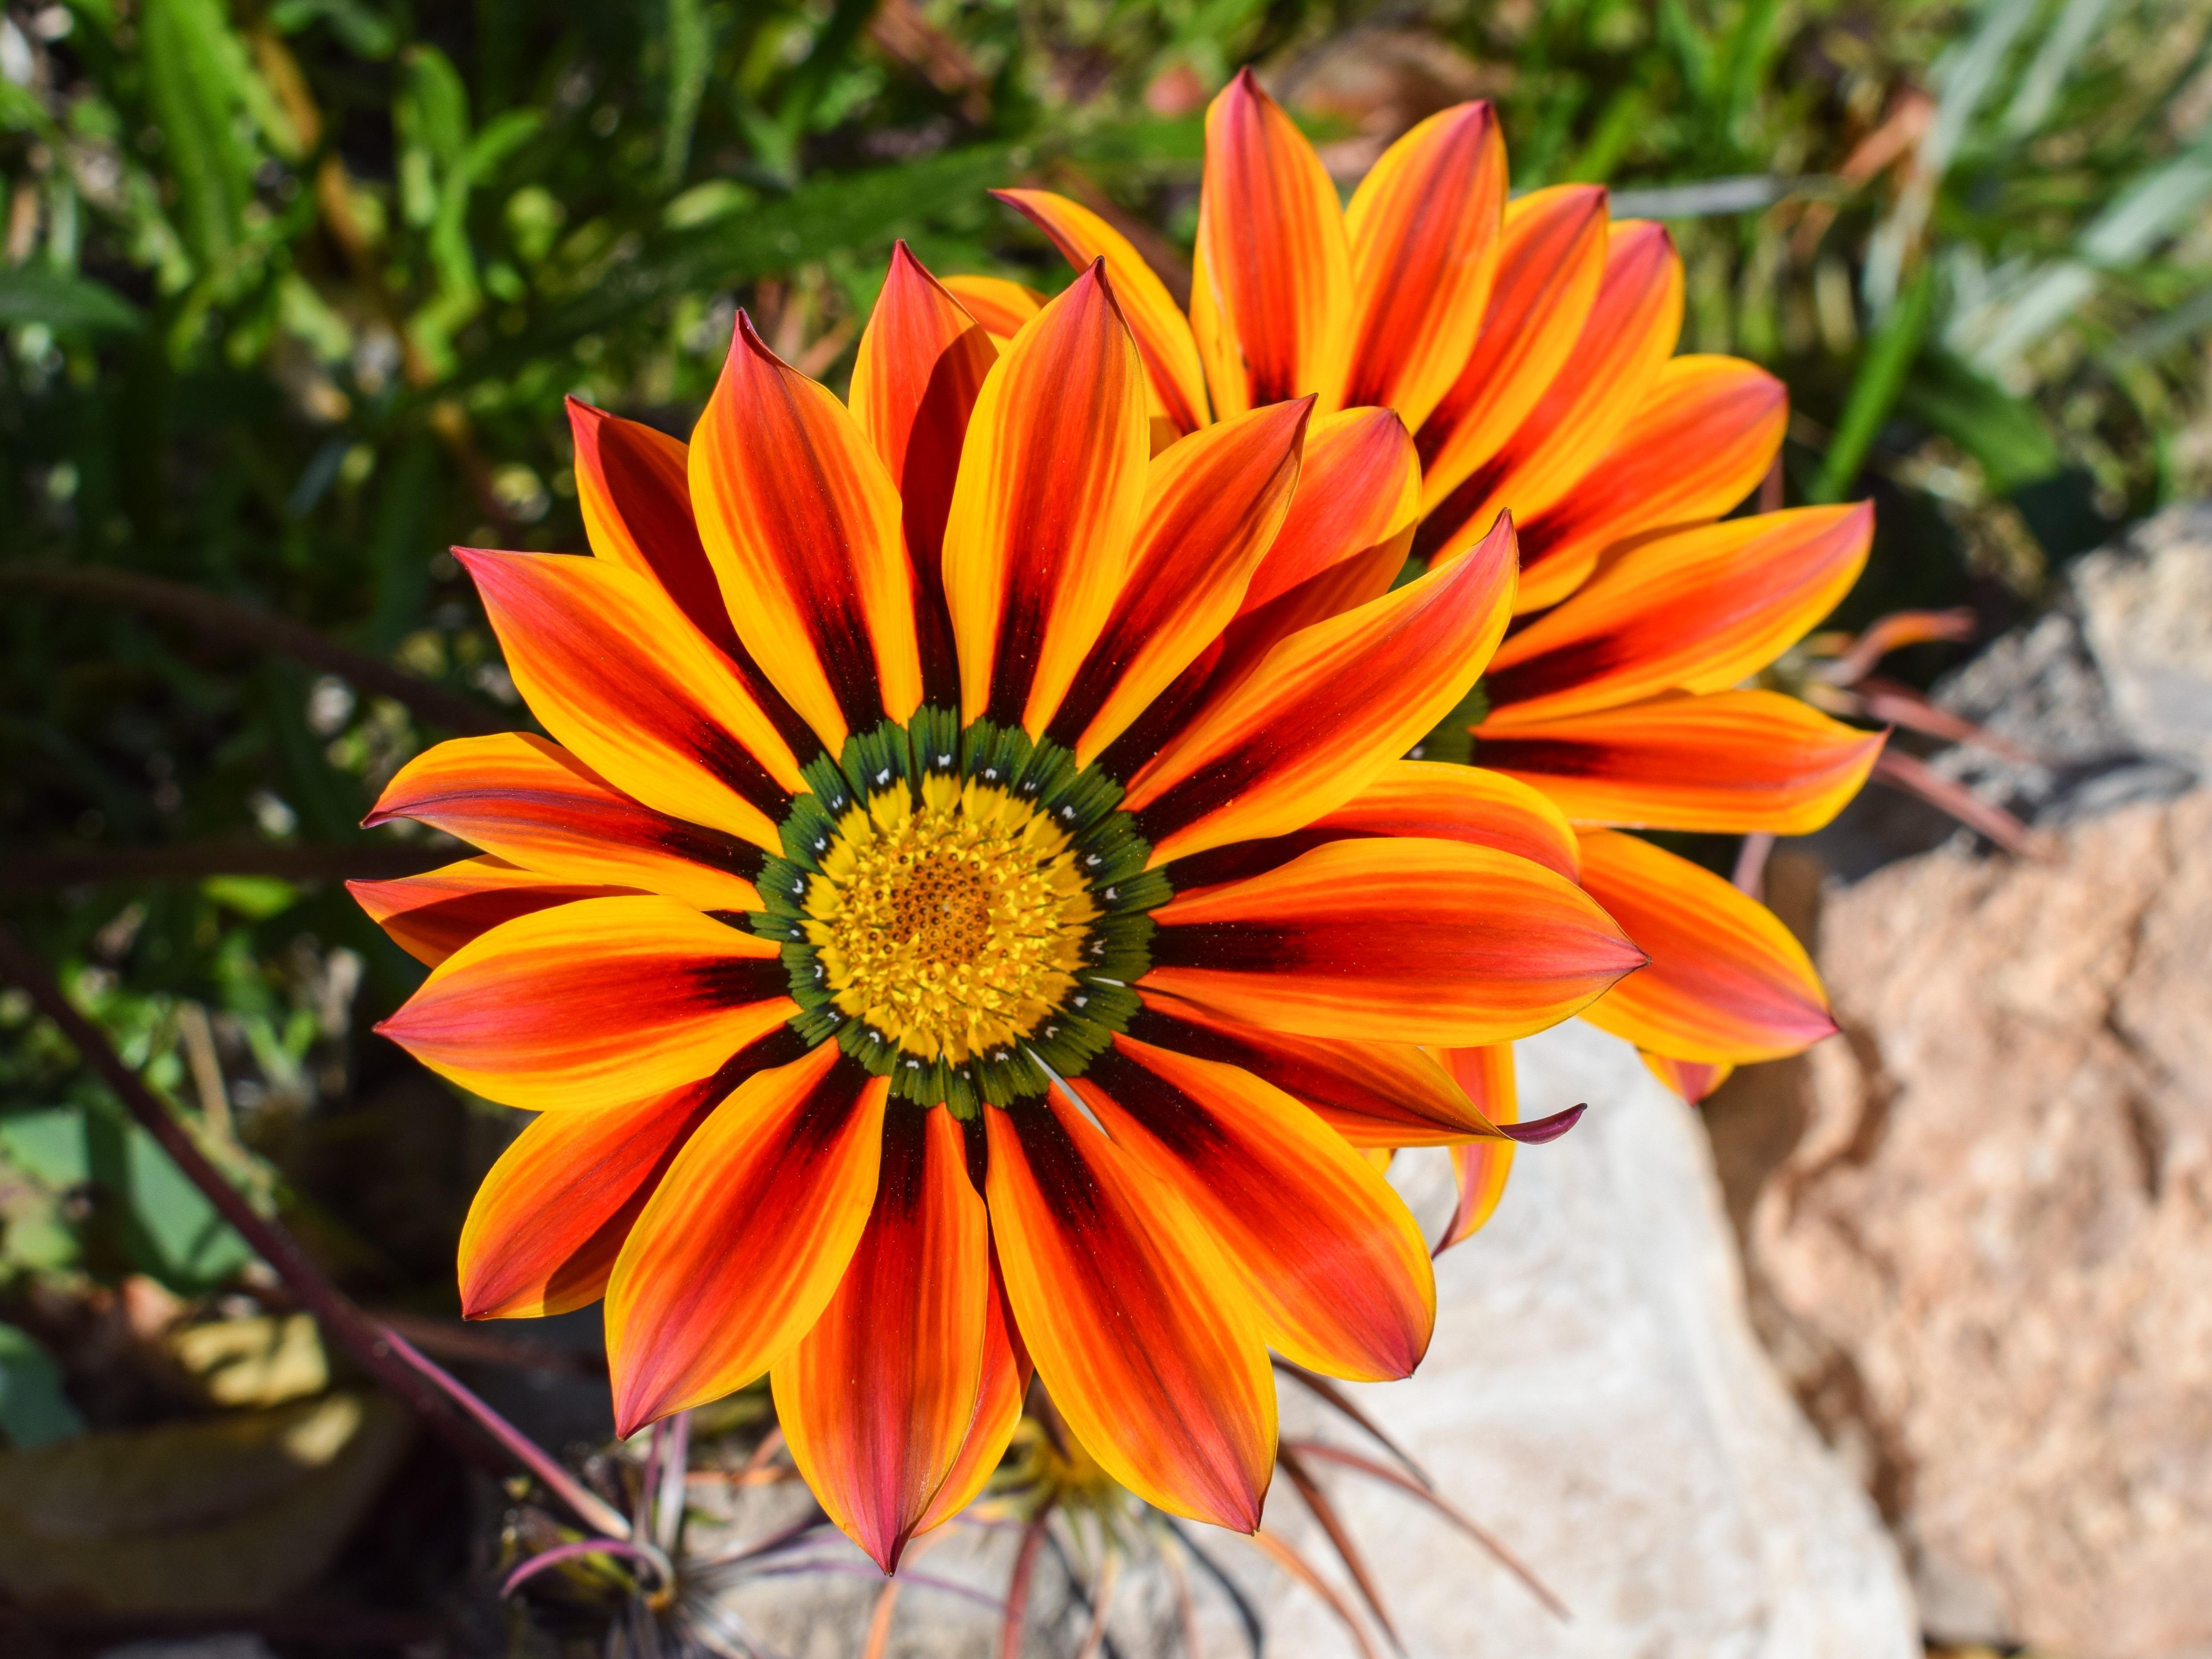 Free nature blossom flower petal bloom floral spring